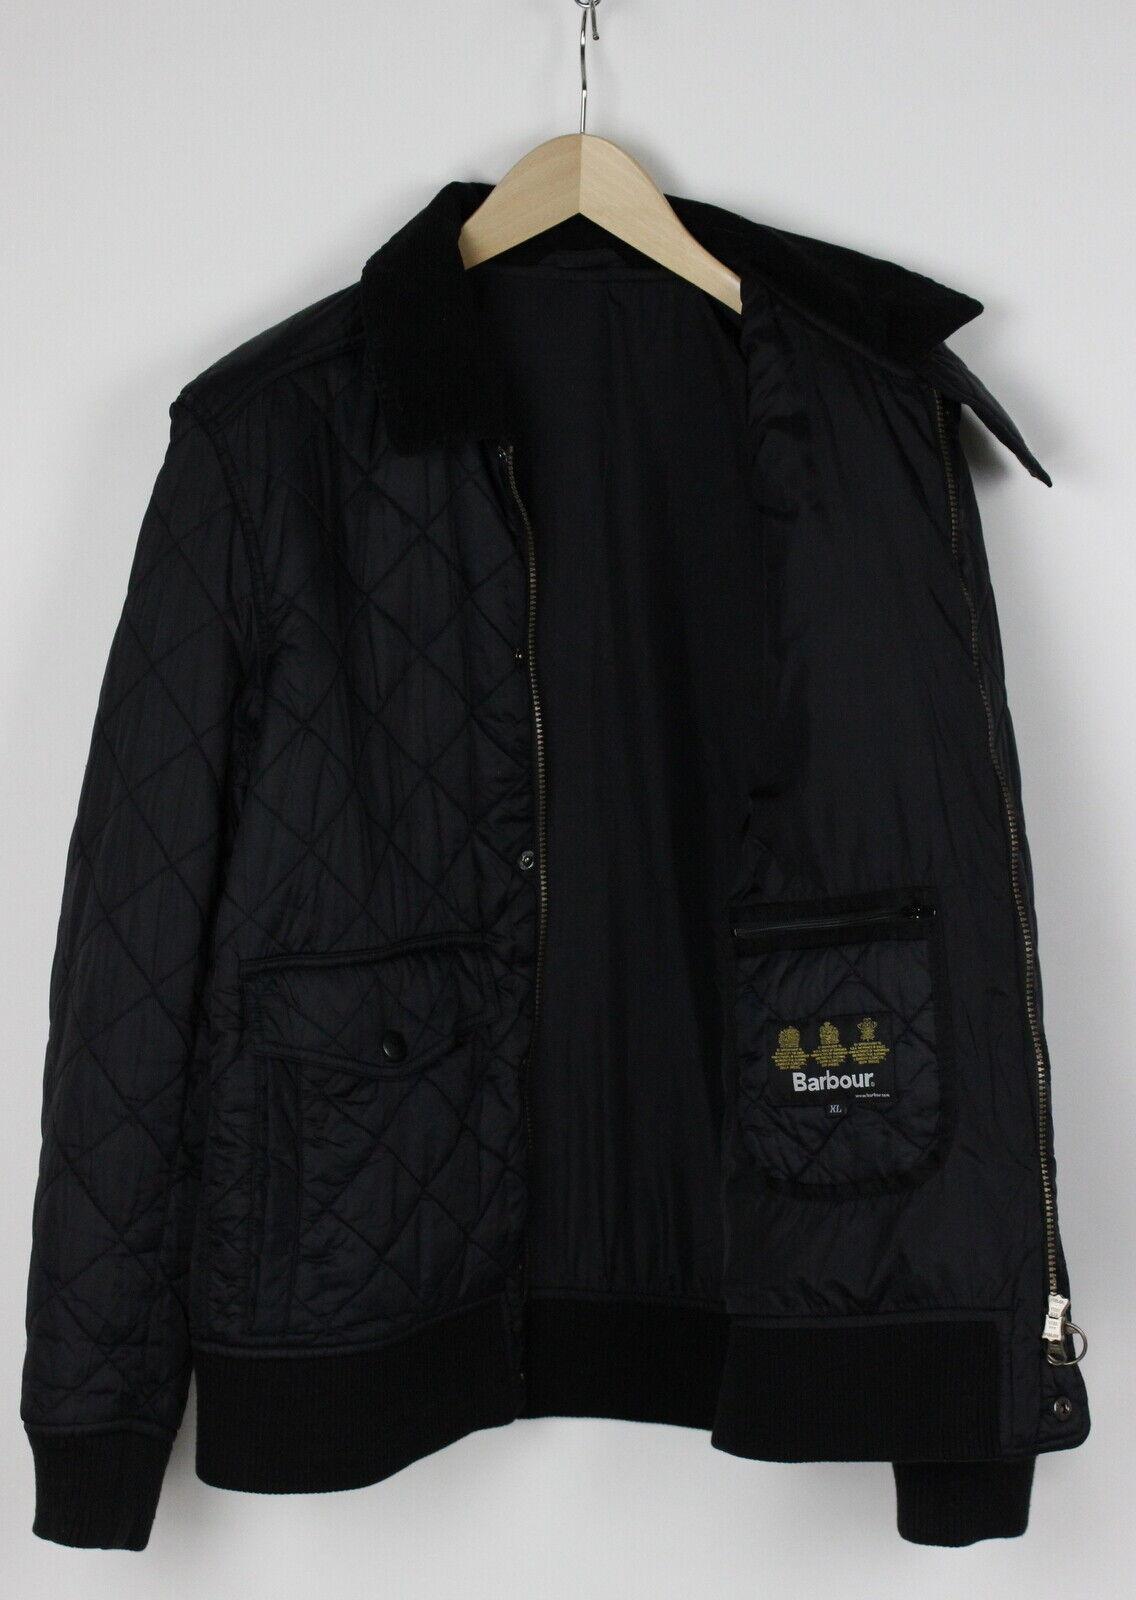 Barbour embleton blouson homme x large matelassé velours bordure veste 31438-gs